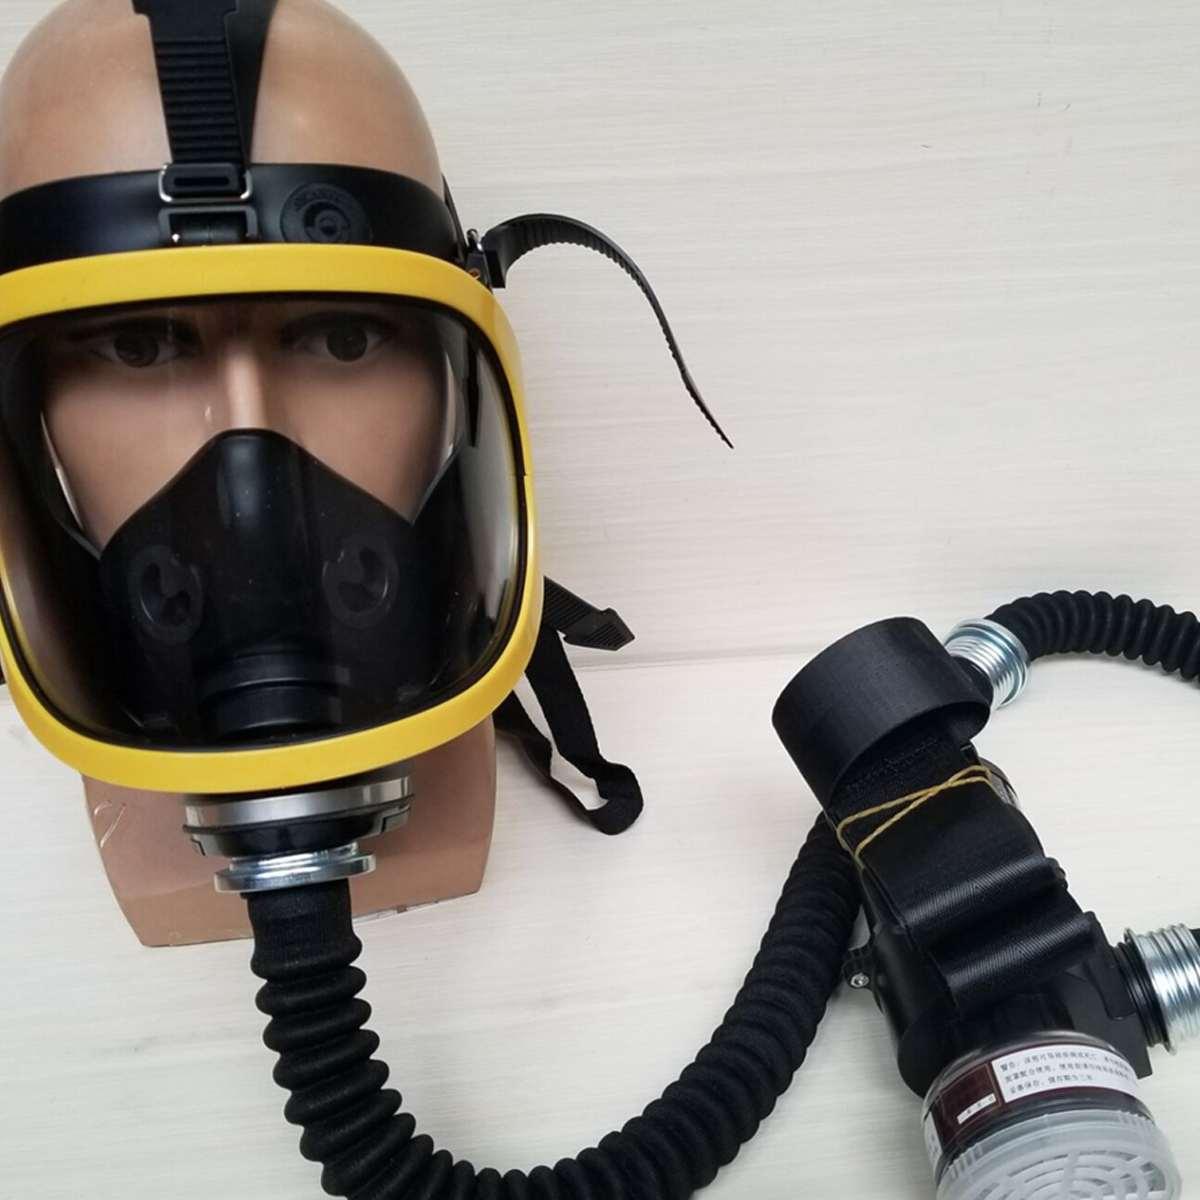 Электрический постоянный поток, подаваемый воздухом, Полный лицевой газ, маска, спрей, живопись, инструмент, сварочный шлем, респиратор, сис